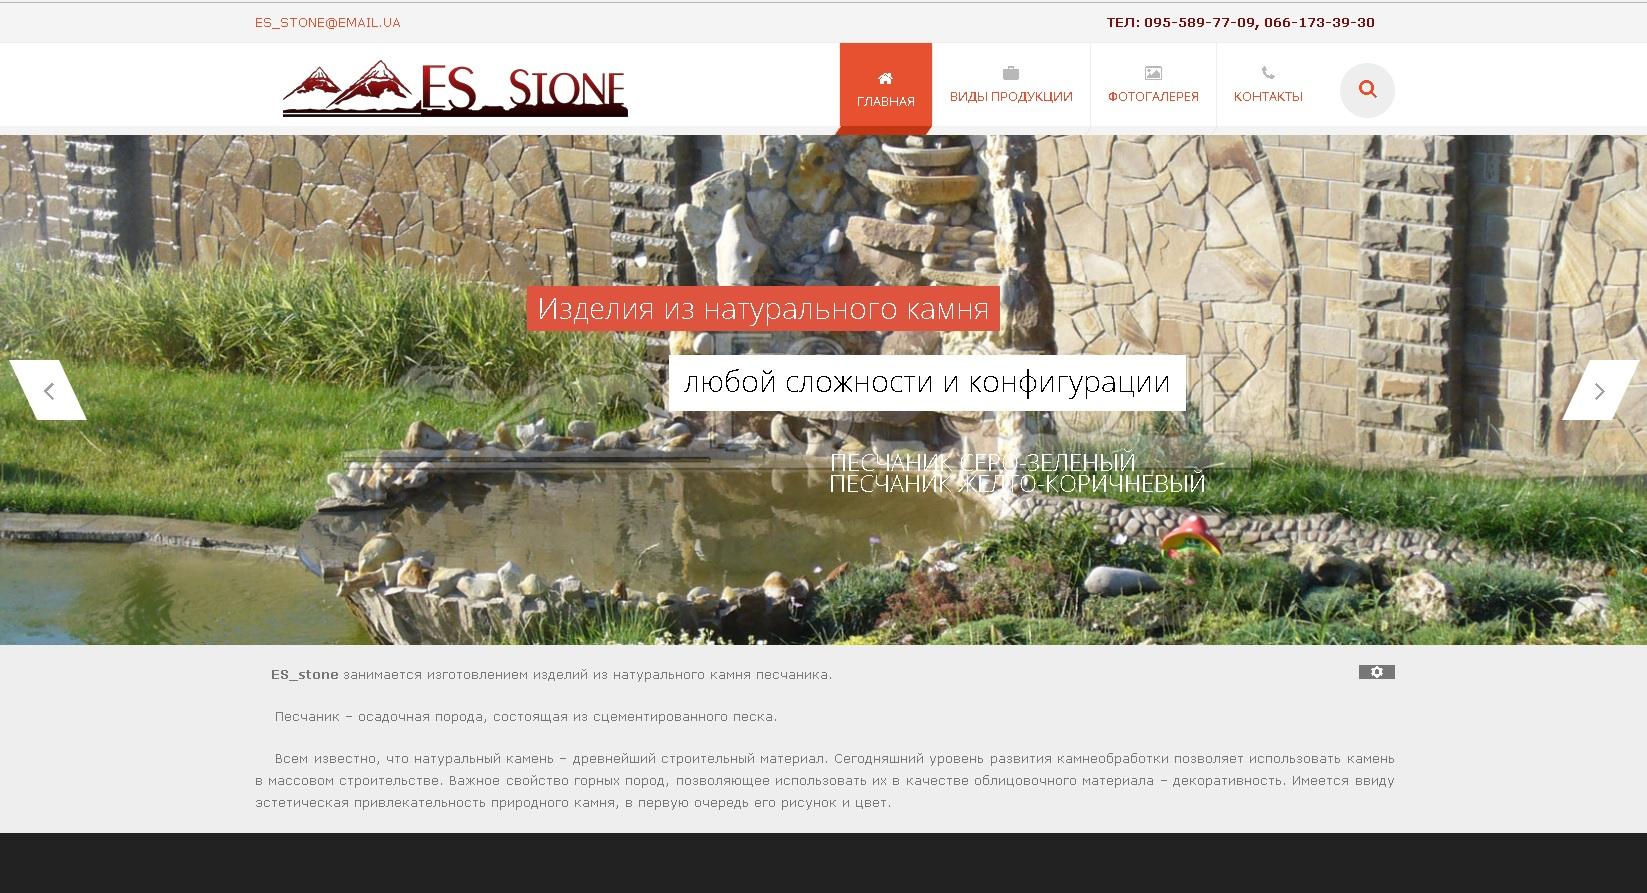 ES_stone занимается изготовлением изделий из натурального камня песчаника.